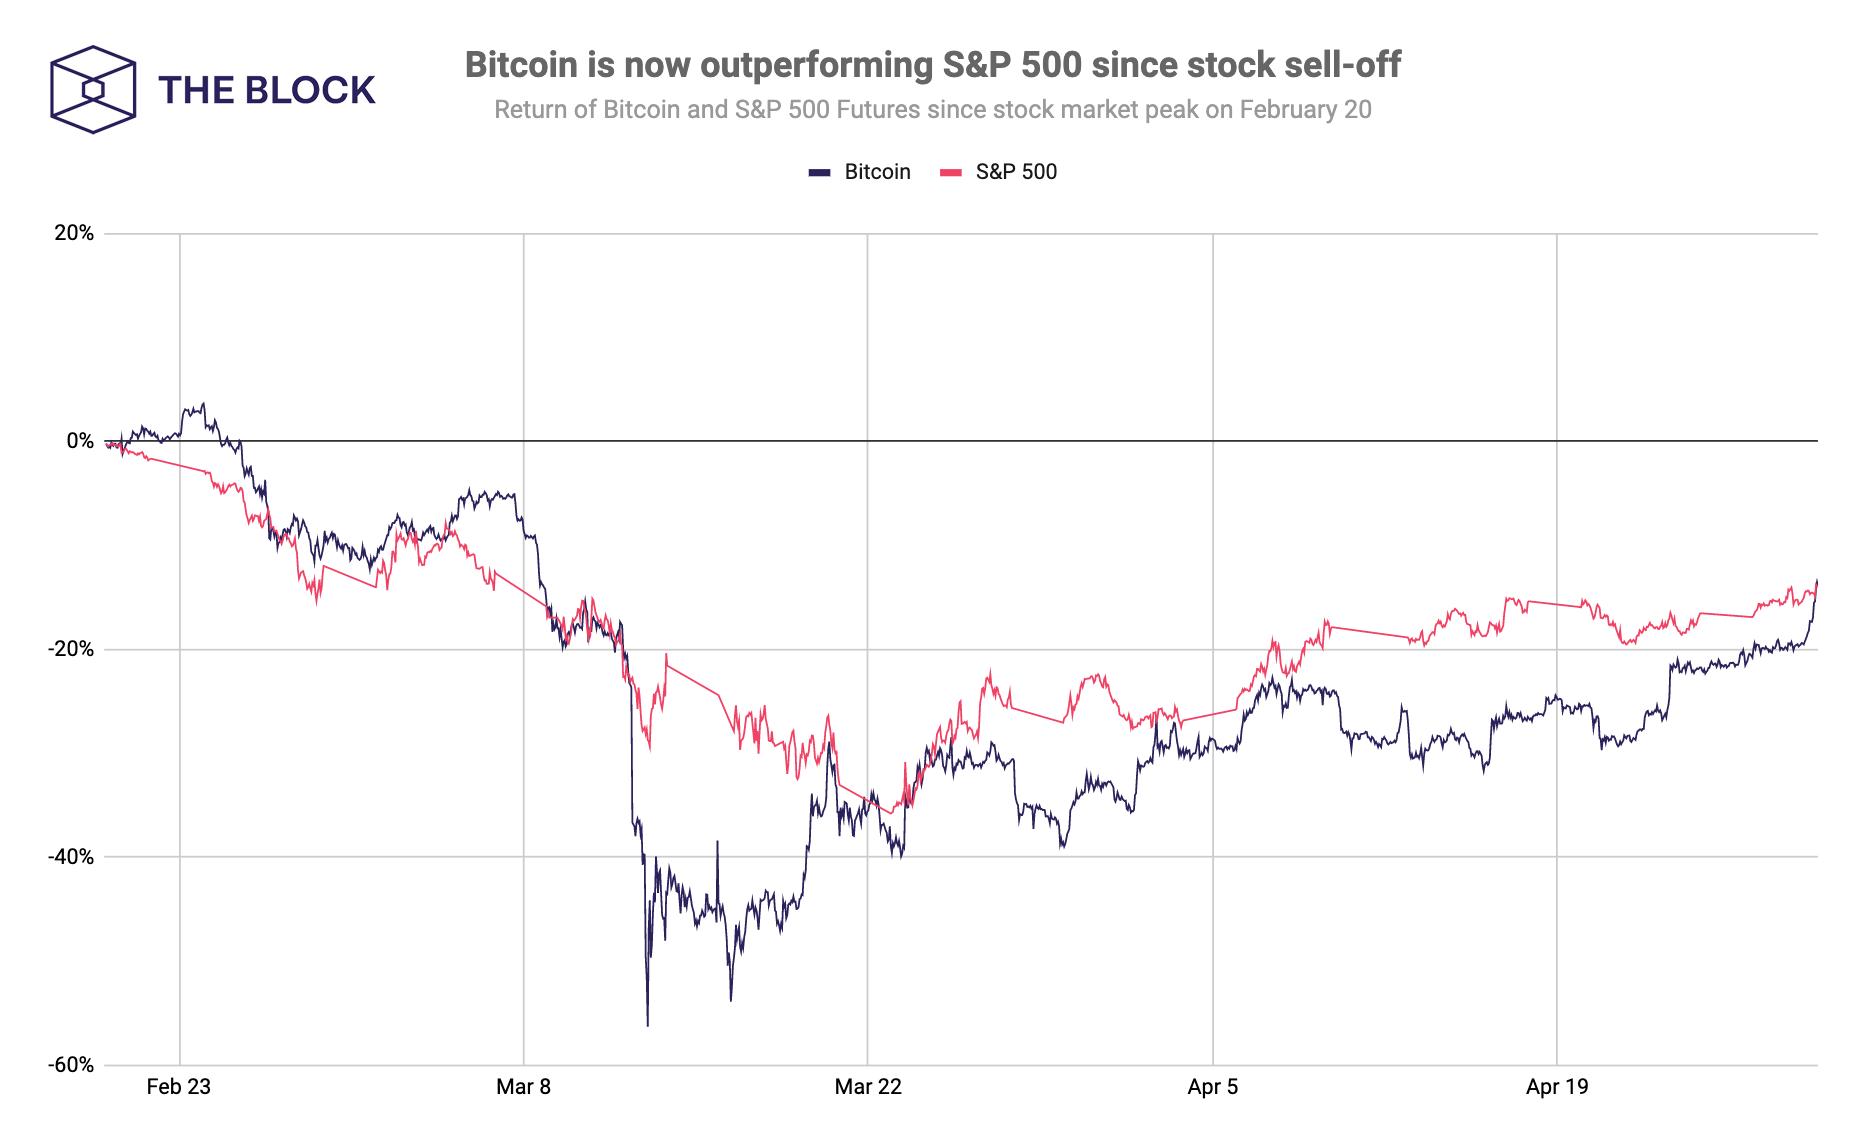 gráfico abaixo mostra a relação entre os retornos do Bitcoin e do S&P 500 desde fevereiro.